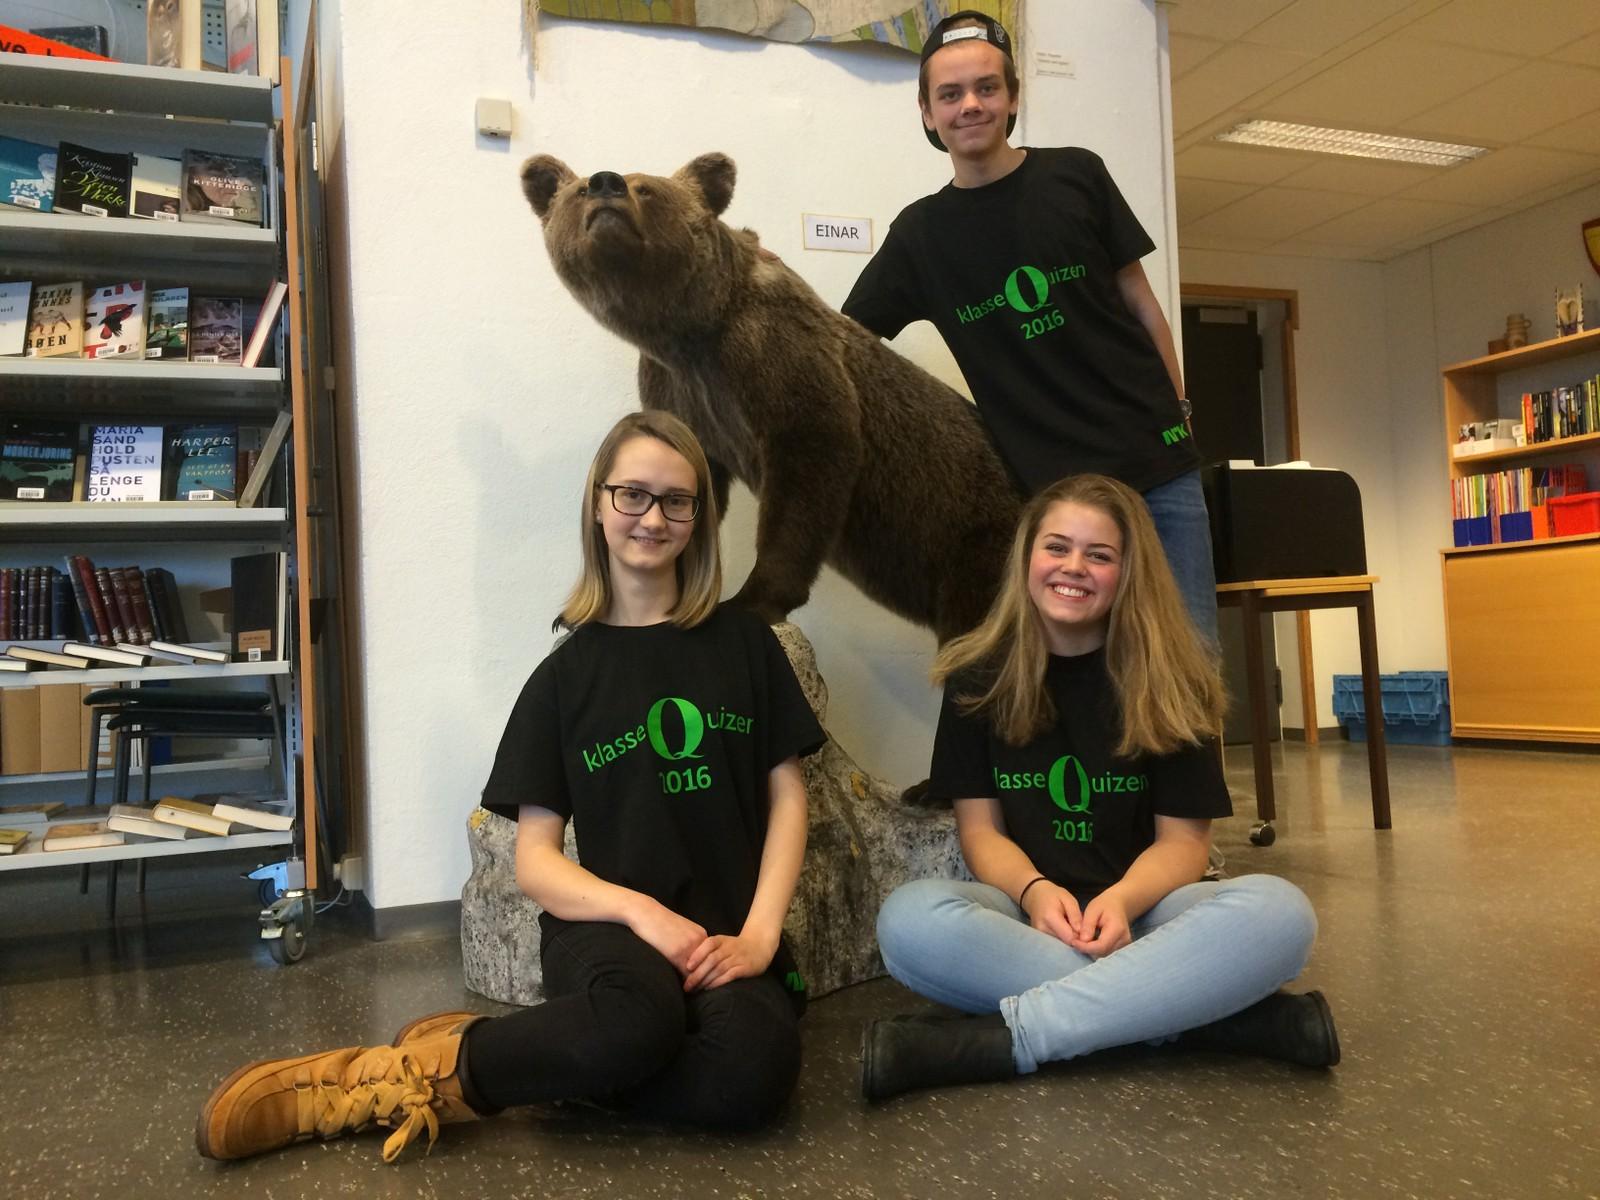 Tittelforsvarer i Klassequizen i Hedmark, Løten ungdomsskole, klarte 10 av 12 poeng. F.v. Jenny Louise Schjerpen, Ingeborg Holen og Lars Kvarstad Liven. (og bjørnen EinarI.